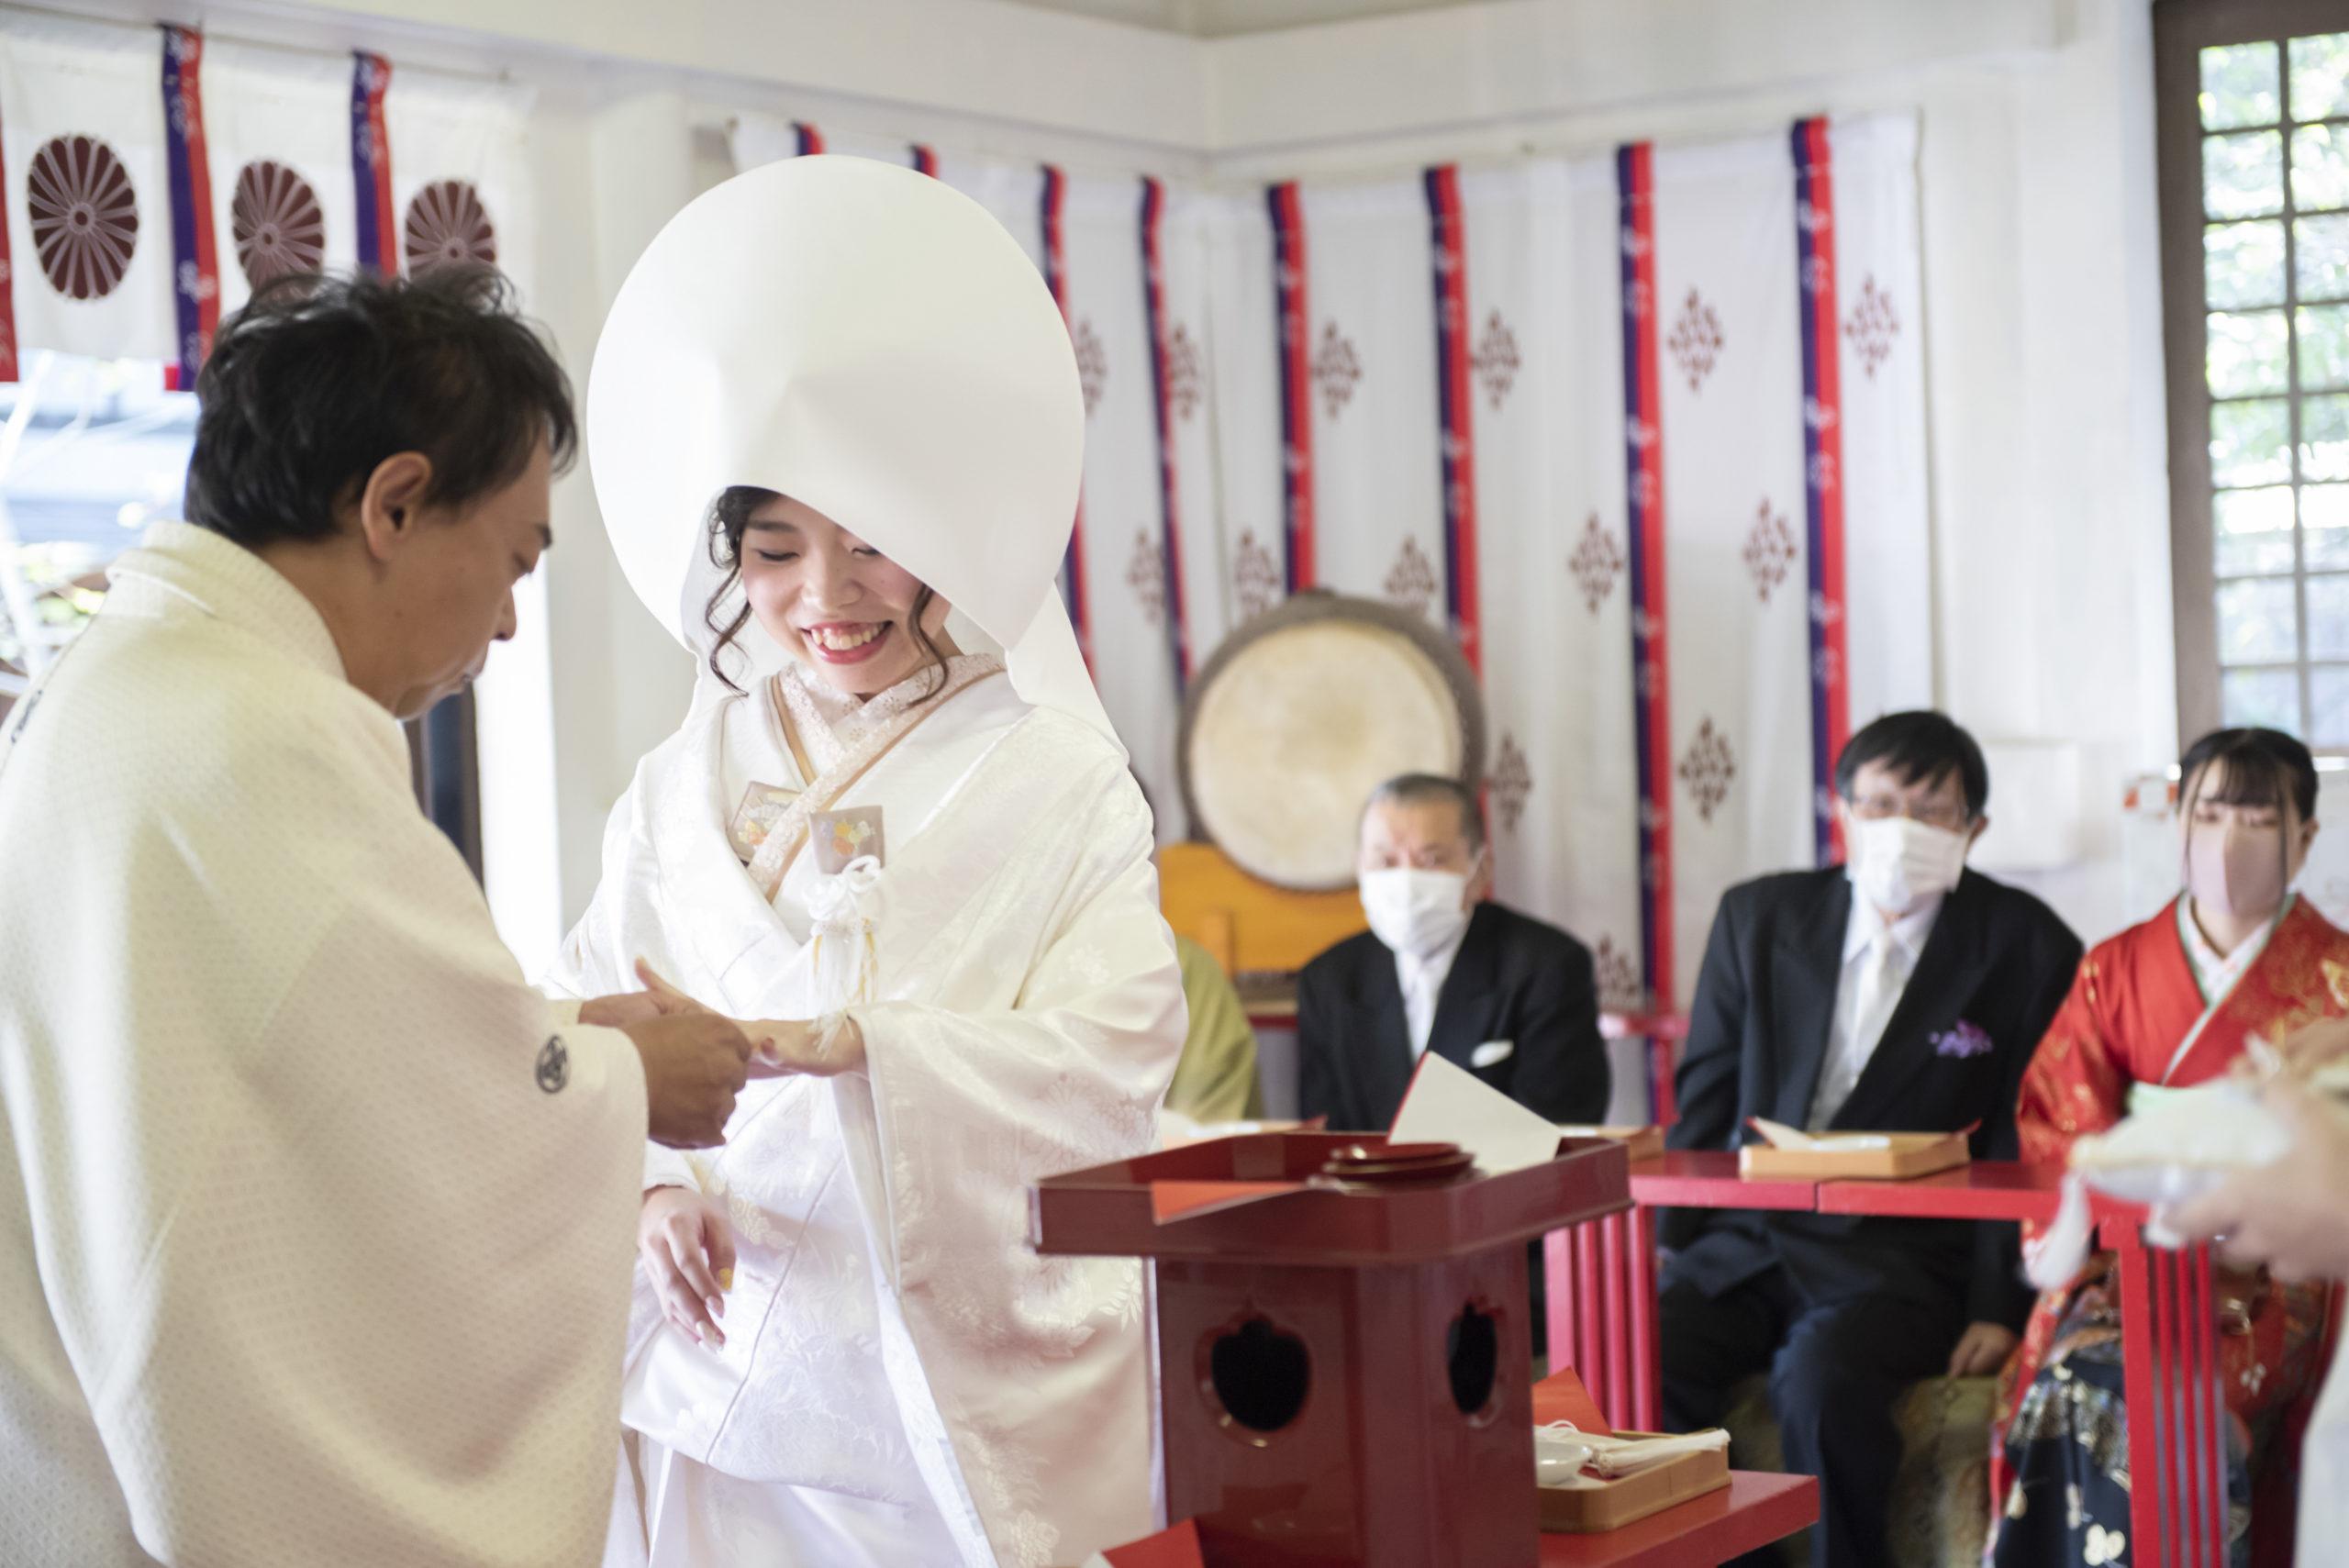 徳島市の結婚式場ブランアンジュで披露宴を行う前に挙式をした忌部神社で指輪交換